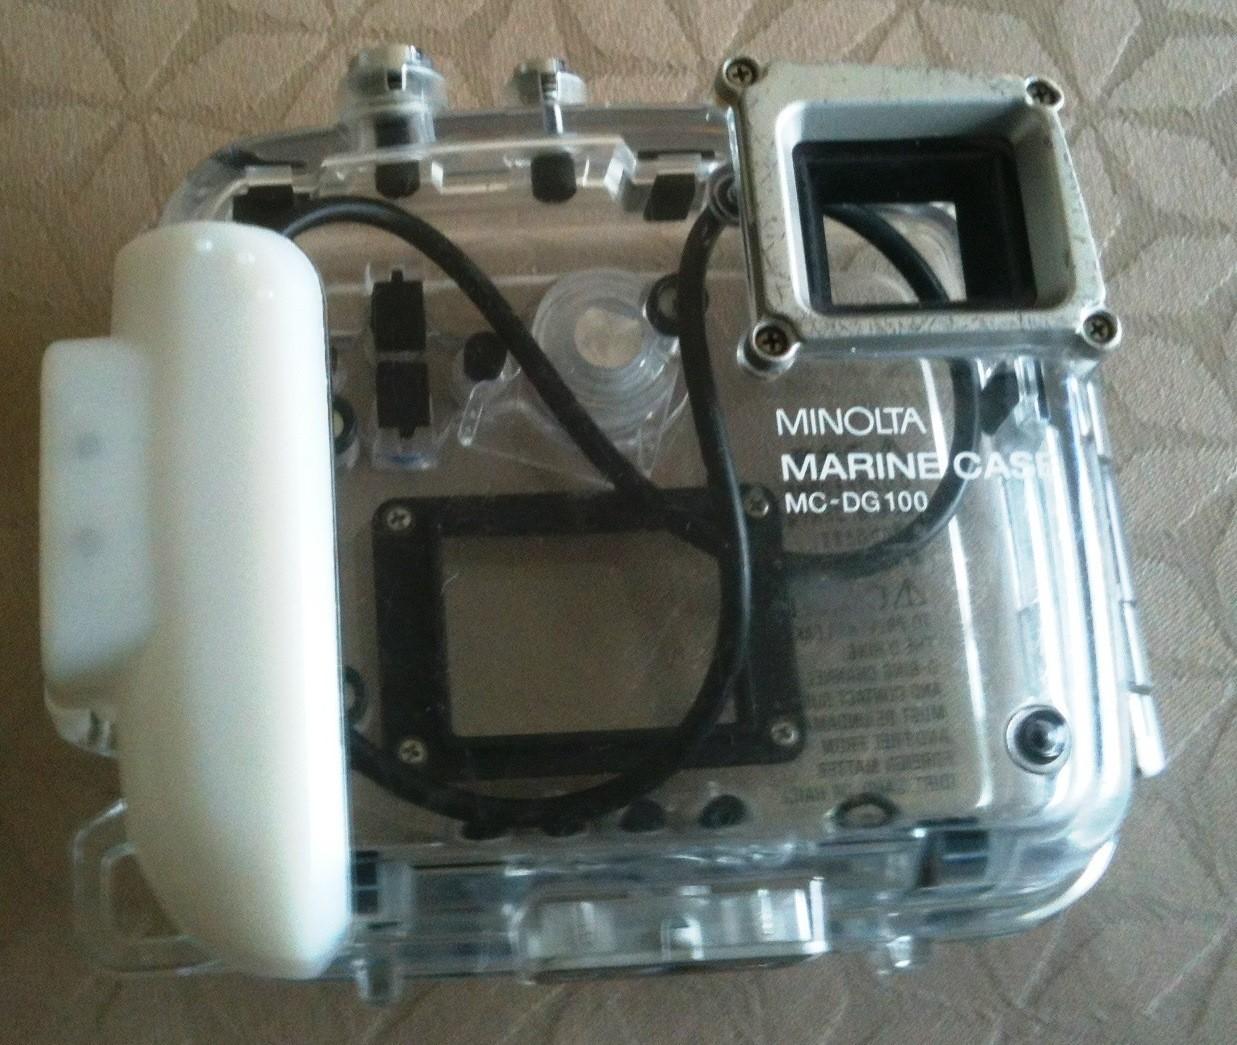 Boitier étanche MARINE CASE MC-DG100 pour appareil photo MINOLTA - Vue 1